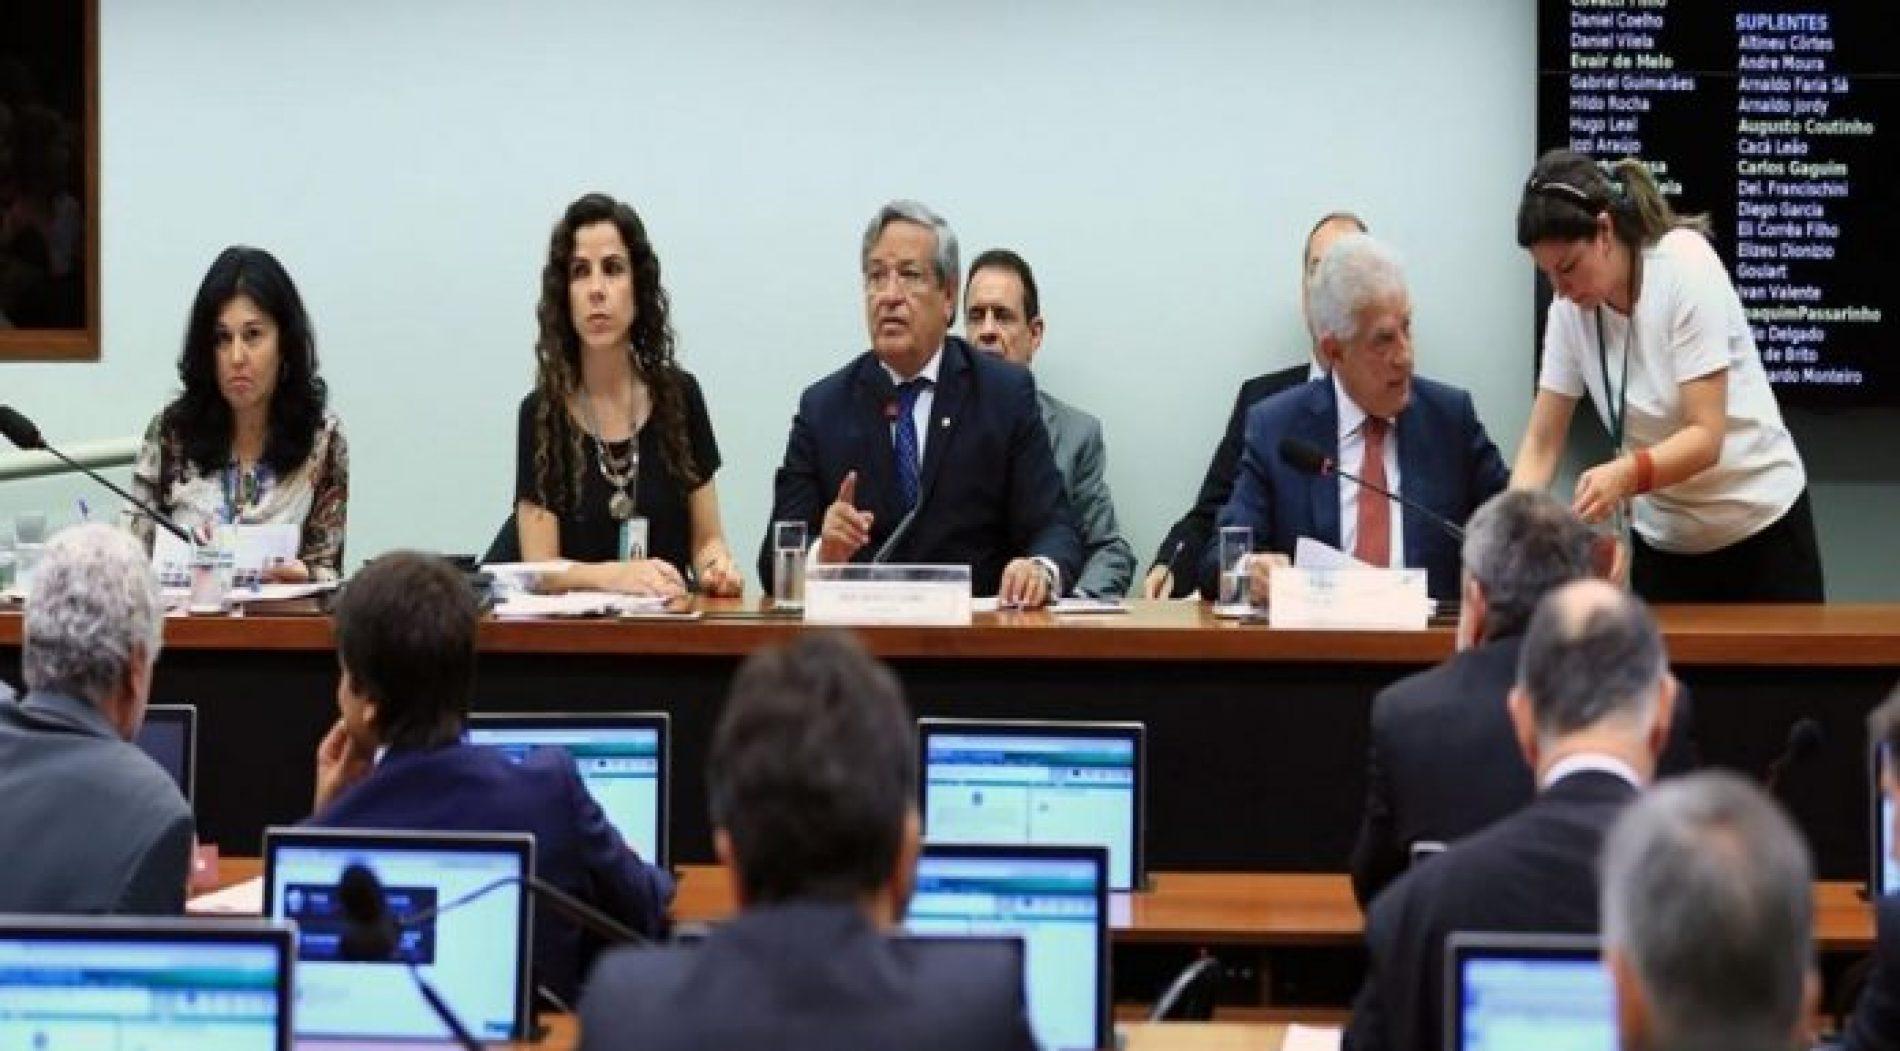 Deputados adiam votação do parecer sobre teto do funcionalismo